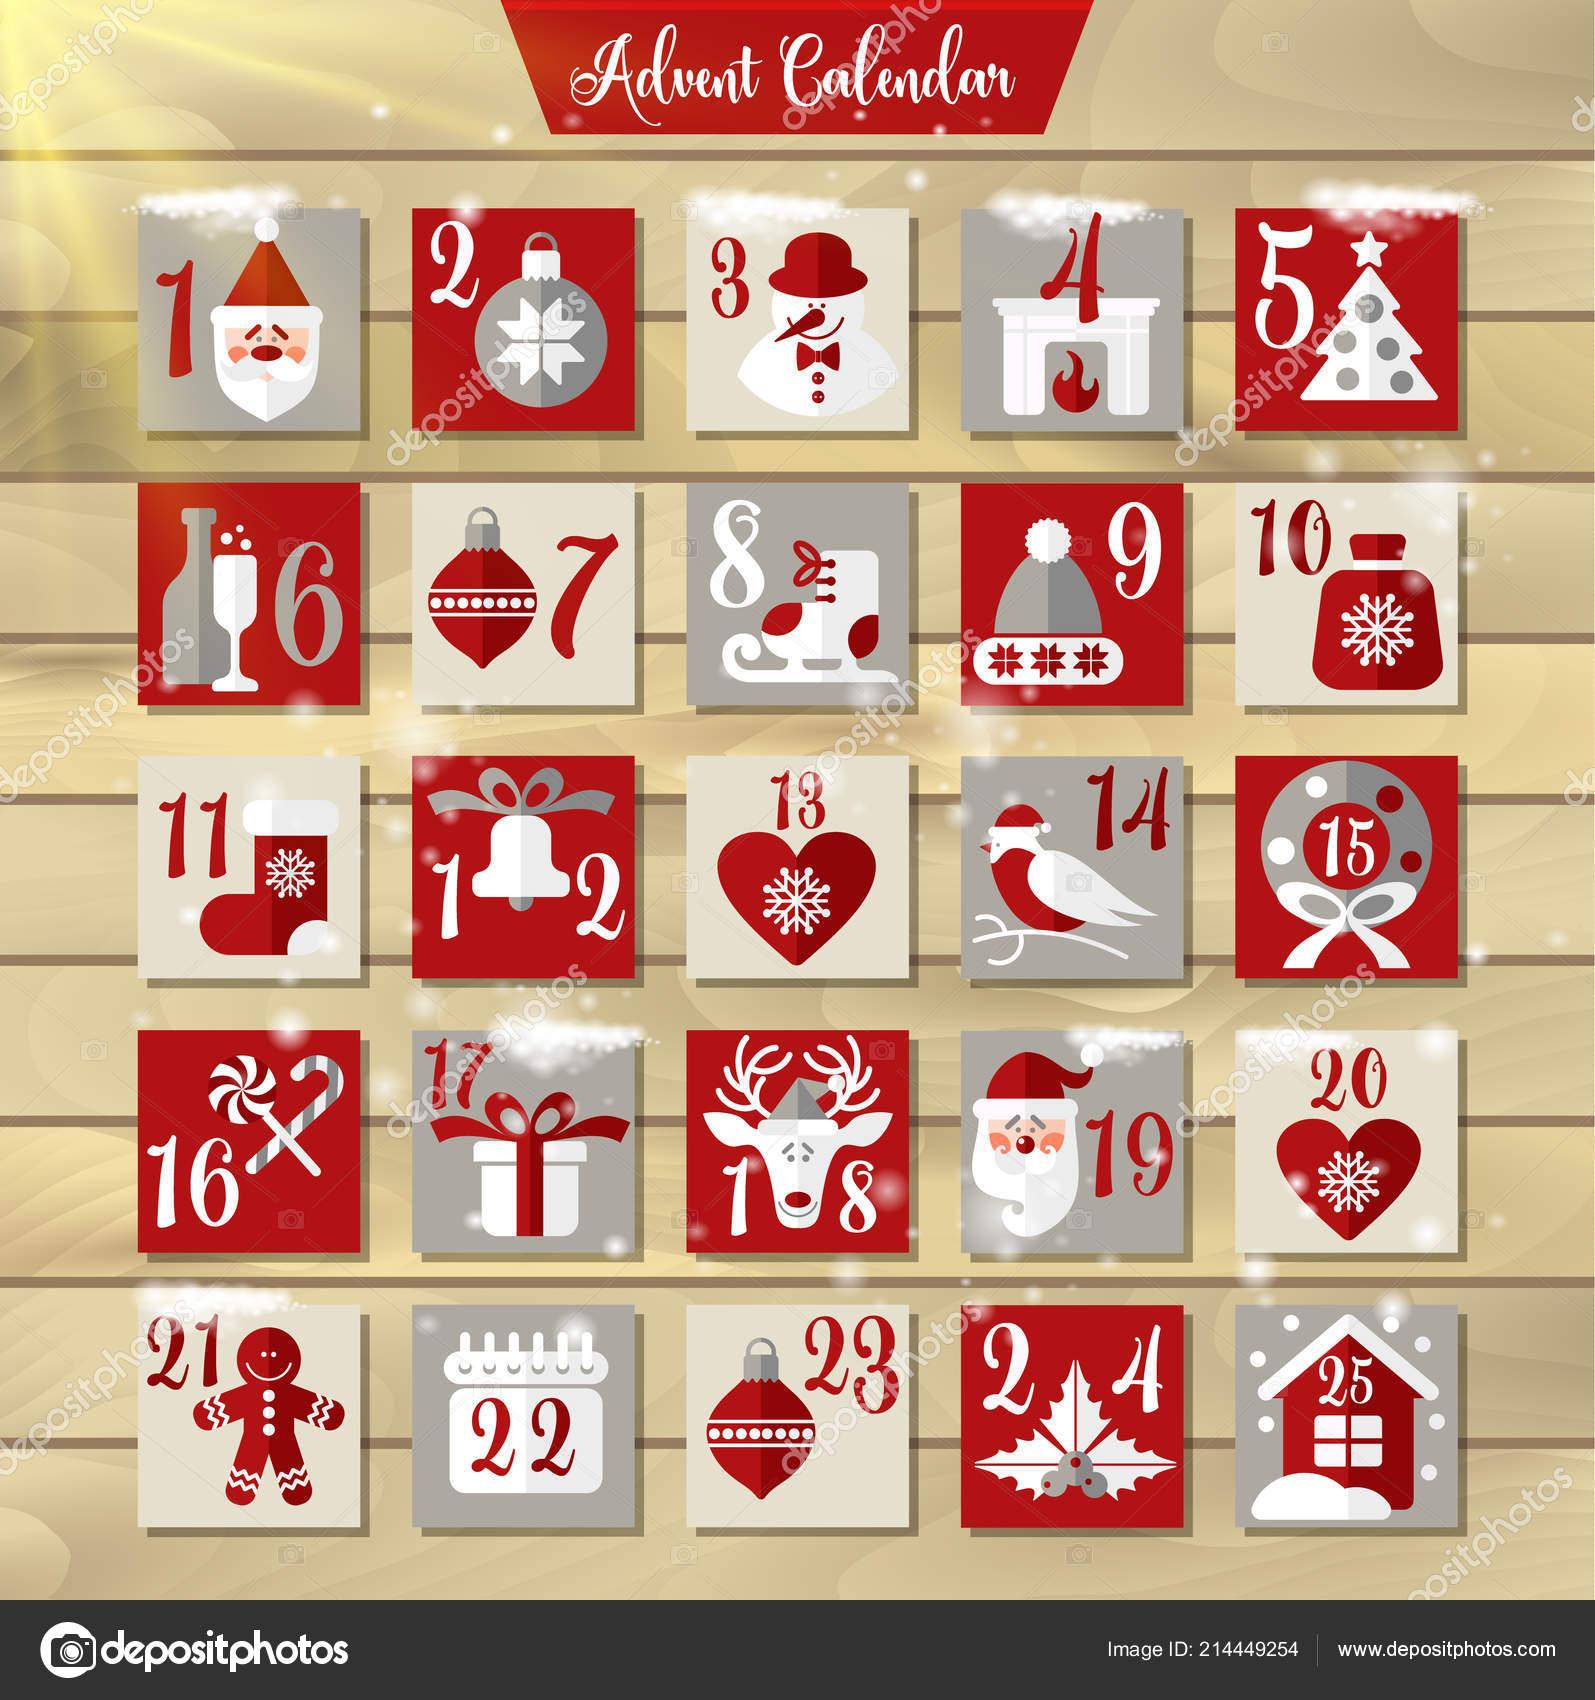 575c9d4b996a Рождественский календарь появления или плакат. Зимние праздники элементы  дизайна. Обратный отсчет календарь.– Векторная картинка